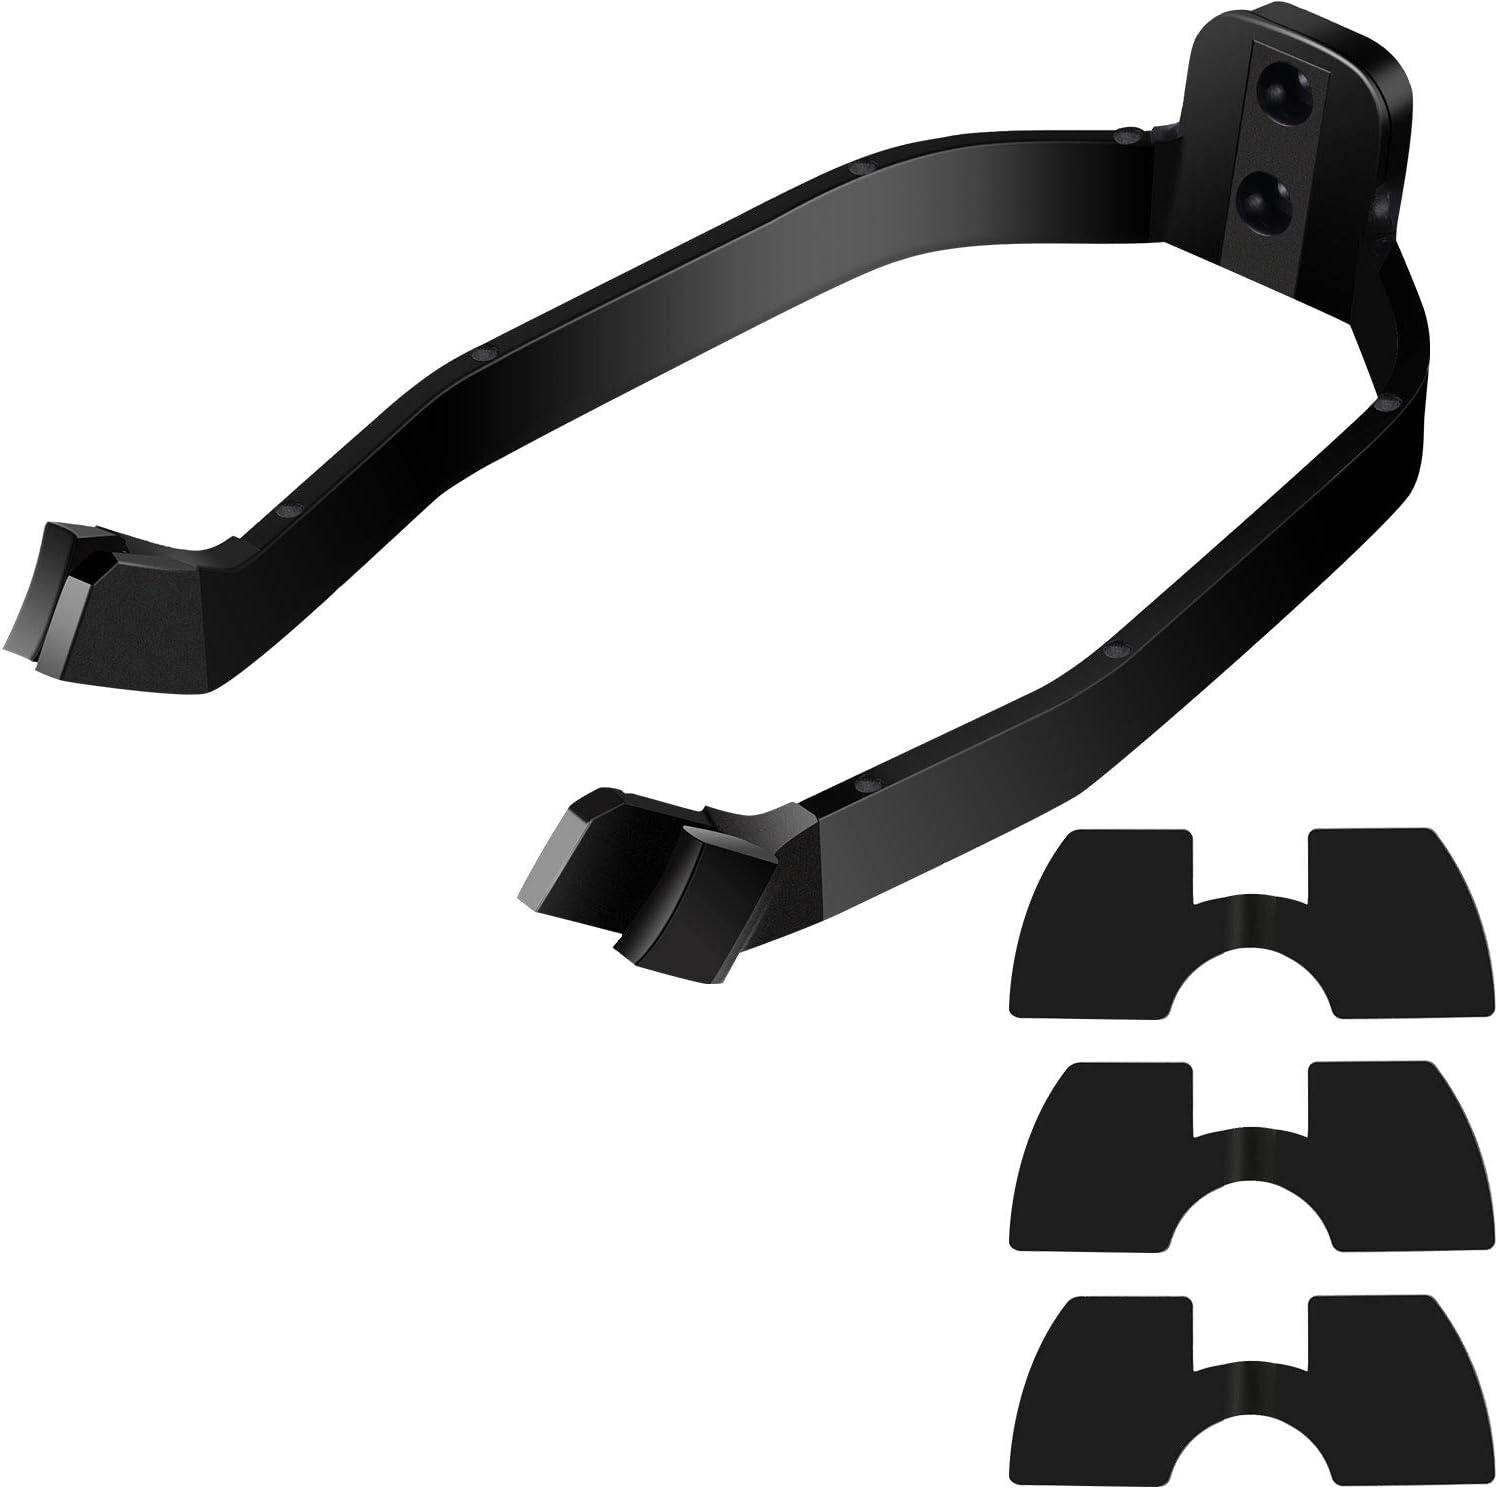 Guardabarros Apoyo Scooter Accesorios Defensa Soporte para la Caja Protectora Vespa M365 Xiaomi Negro